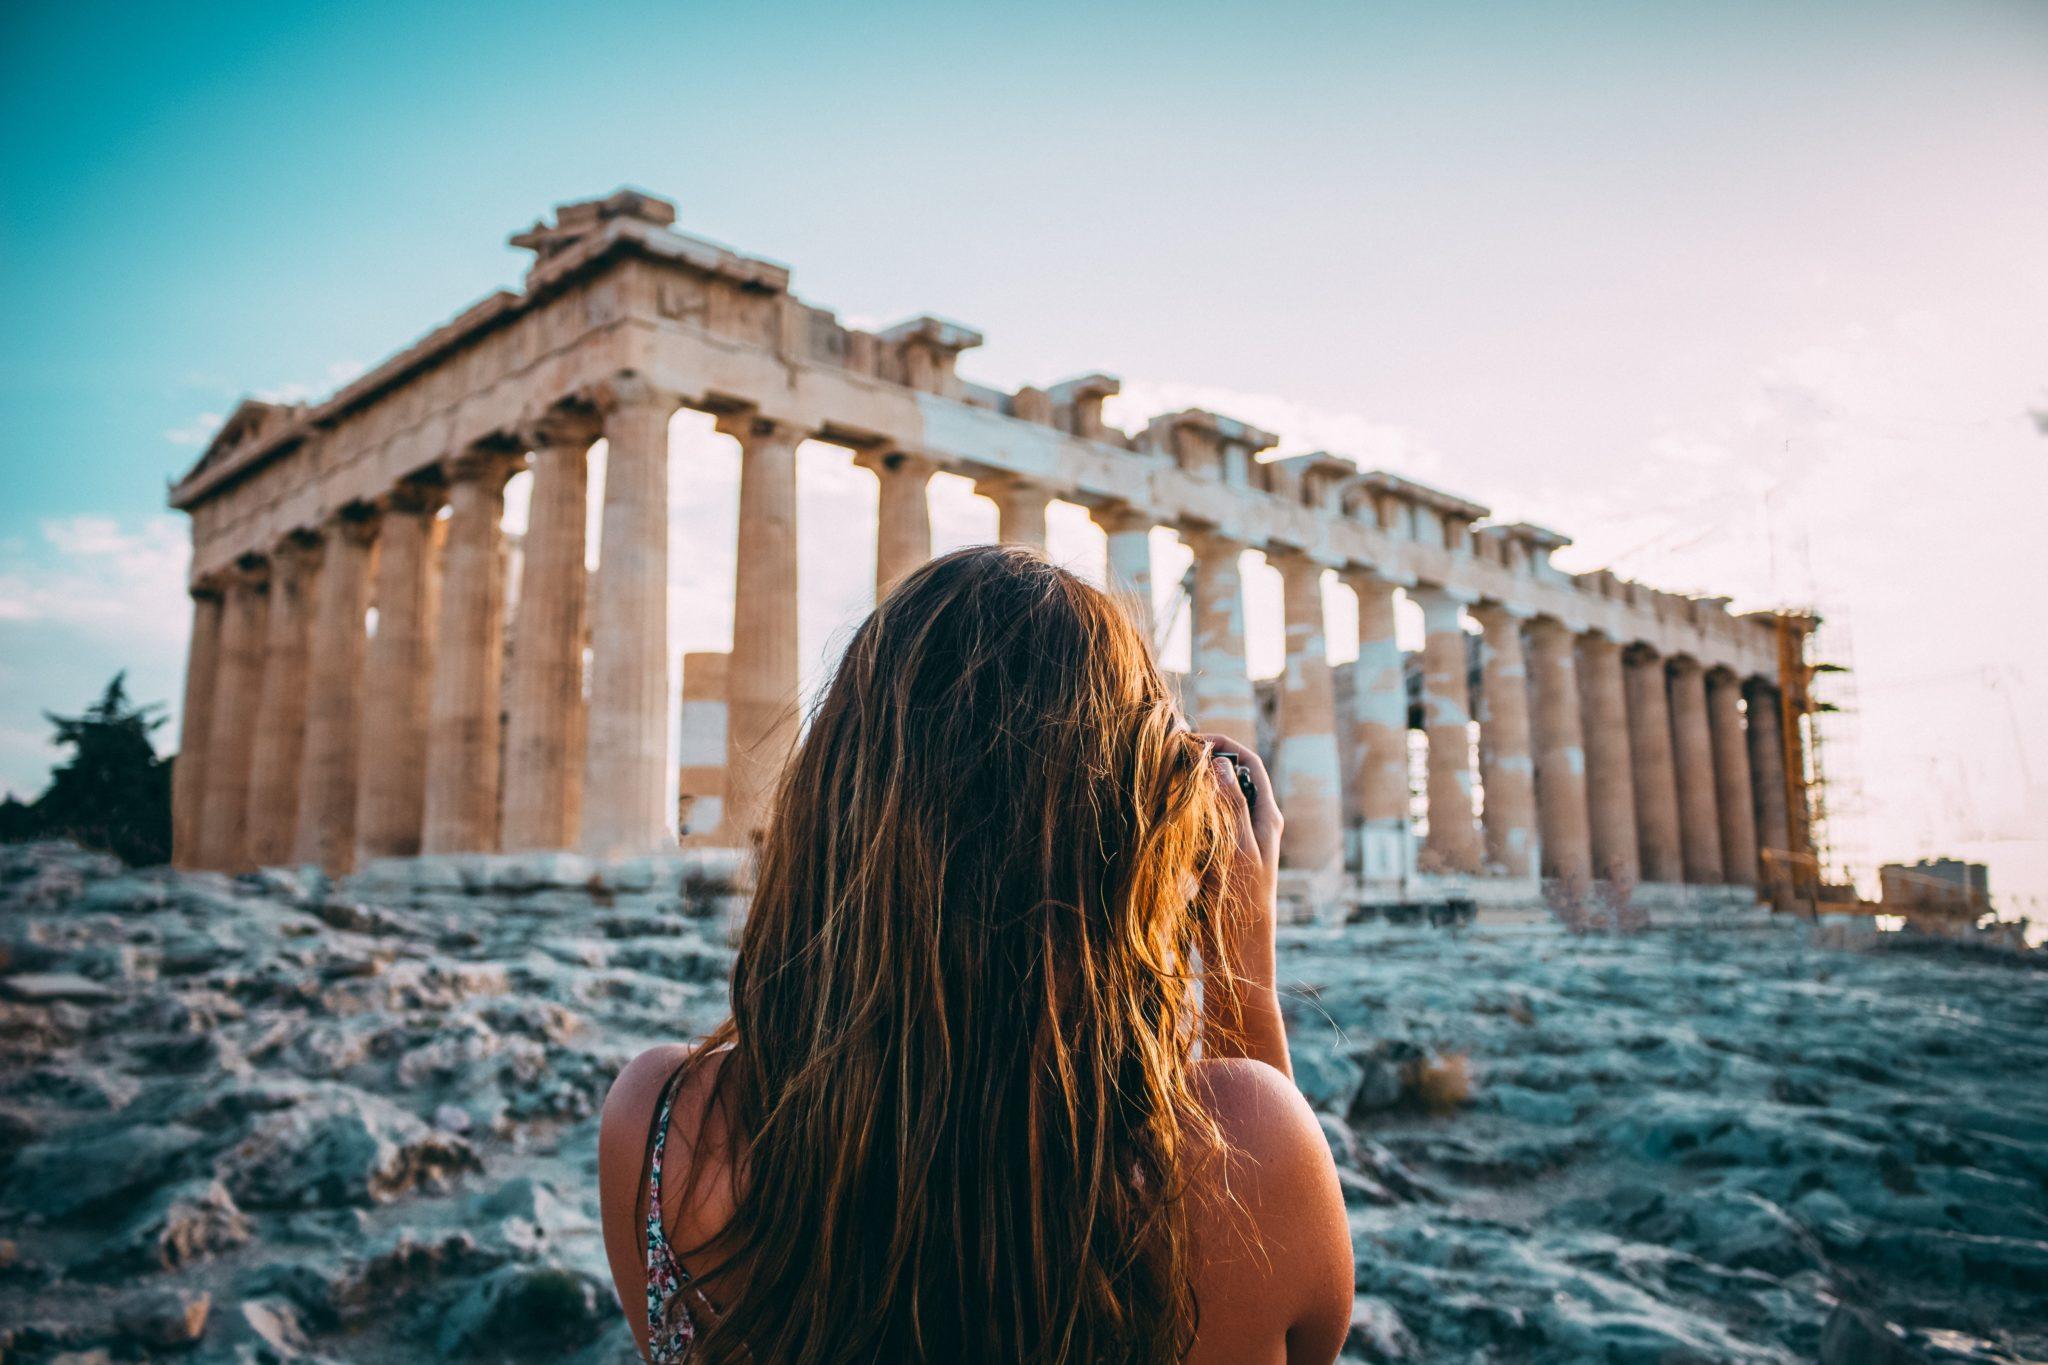 Иностранных туристов пустят в Грецию по штрих-коду